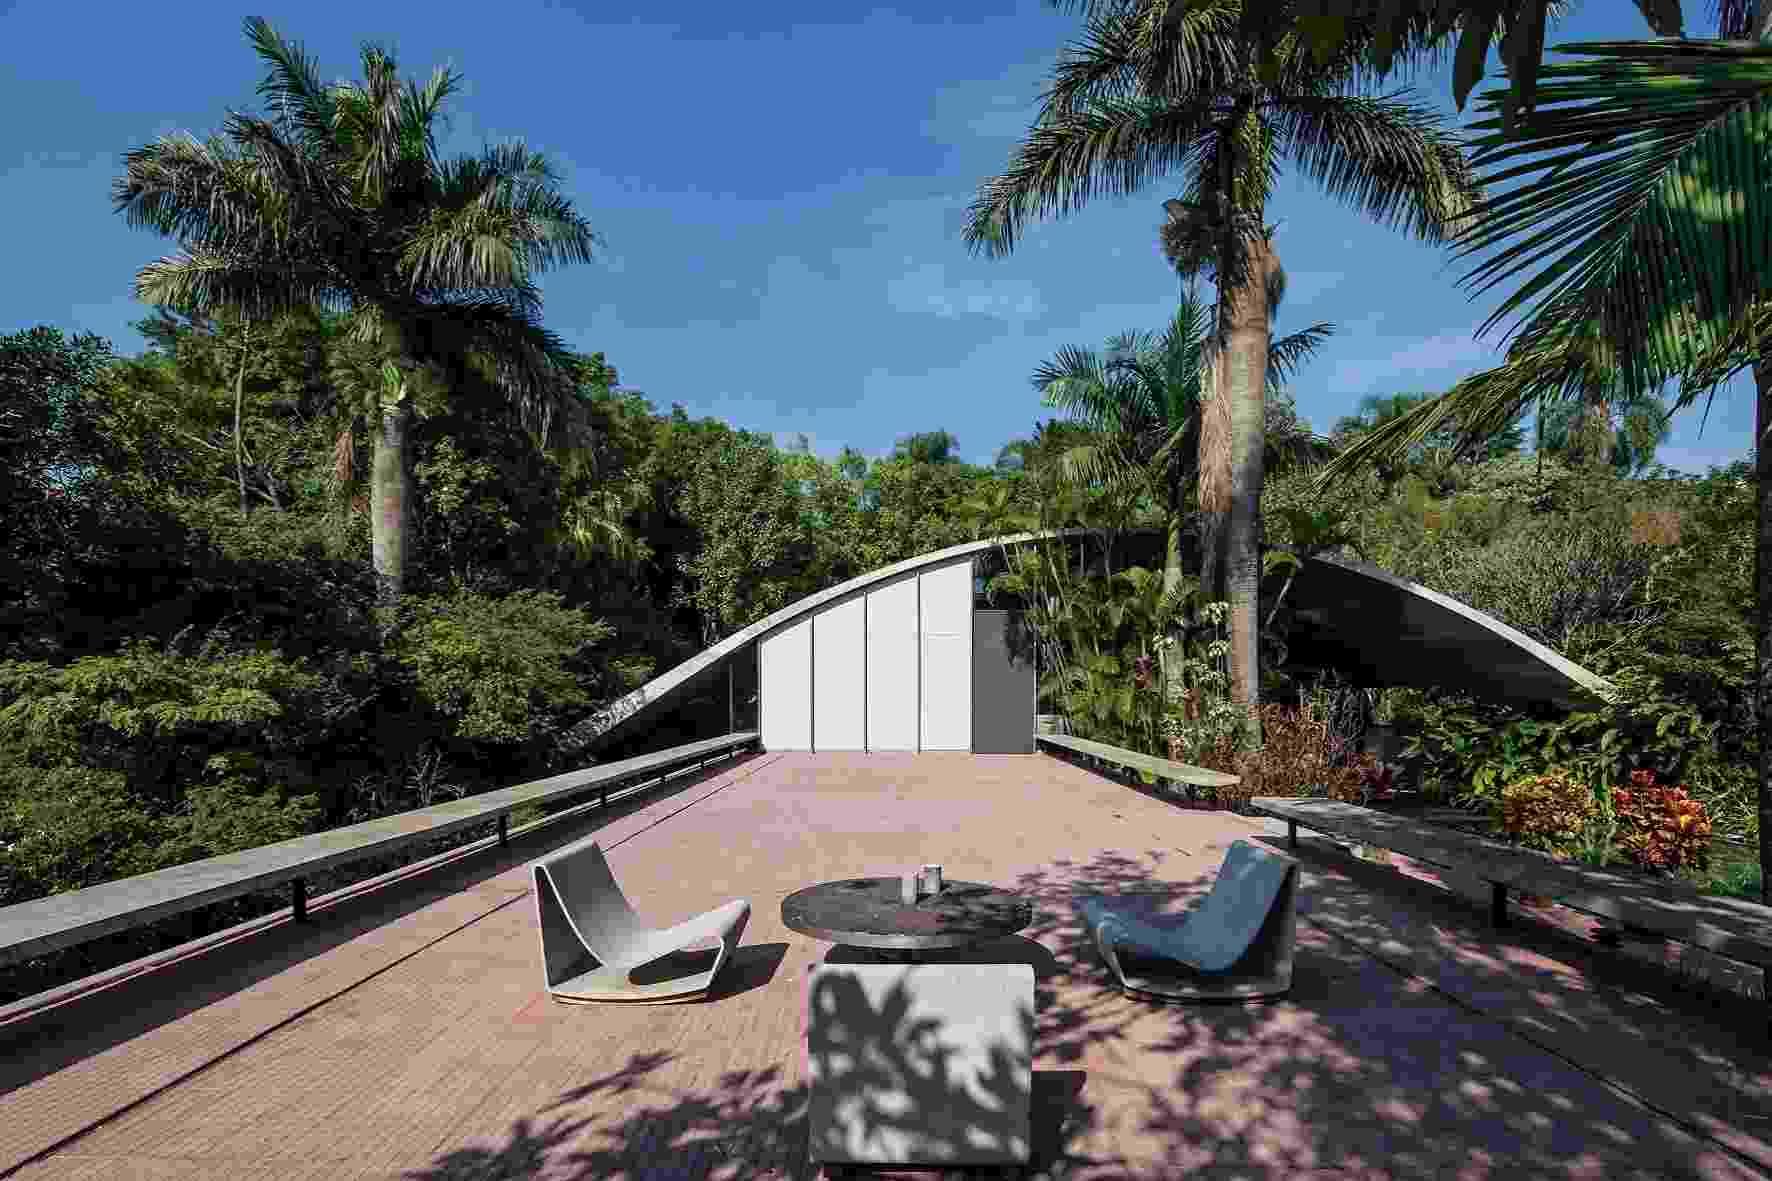 A cobertura da Casa Milan, projetada nos anos 70 por Marcos Acayaba, é um arco de concreto armado, como uma fina casca, com isolamento de poliuretano, apoiado nas extremidades do terreno. Uma laje intermediária de concreto armado está sobre doze pilares cilíndricos igualmente espaçados e prolonga-se para o exterior, formando um solarium (foto) onde se encontra o patamar mais alto do terreno (o nível dos dormitórios) - Nelson Kon/ UOL